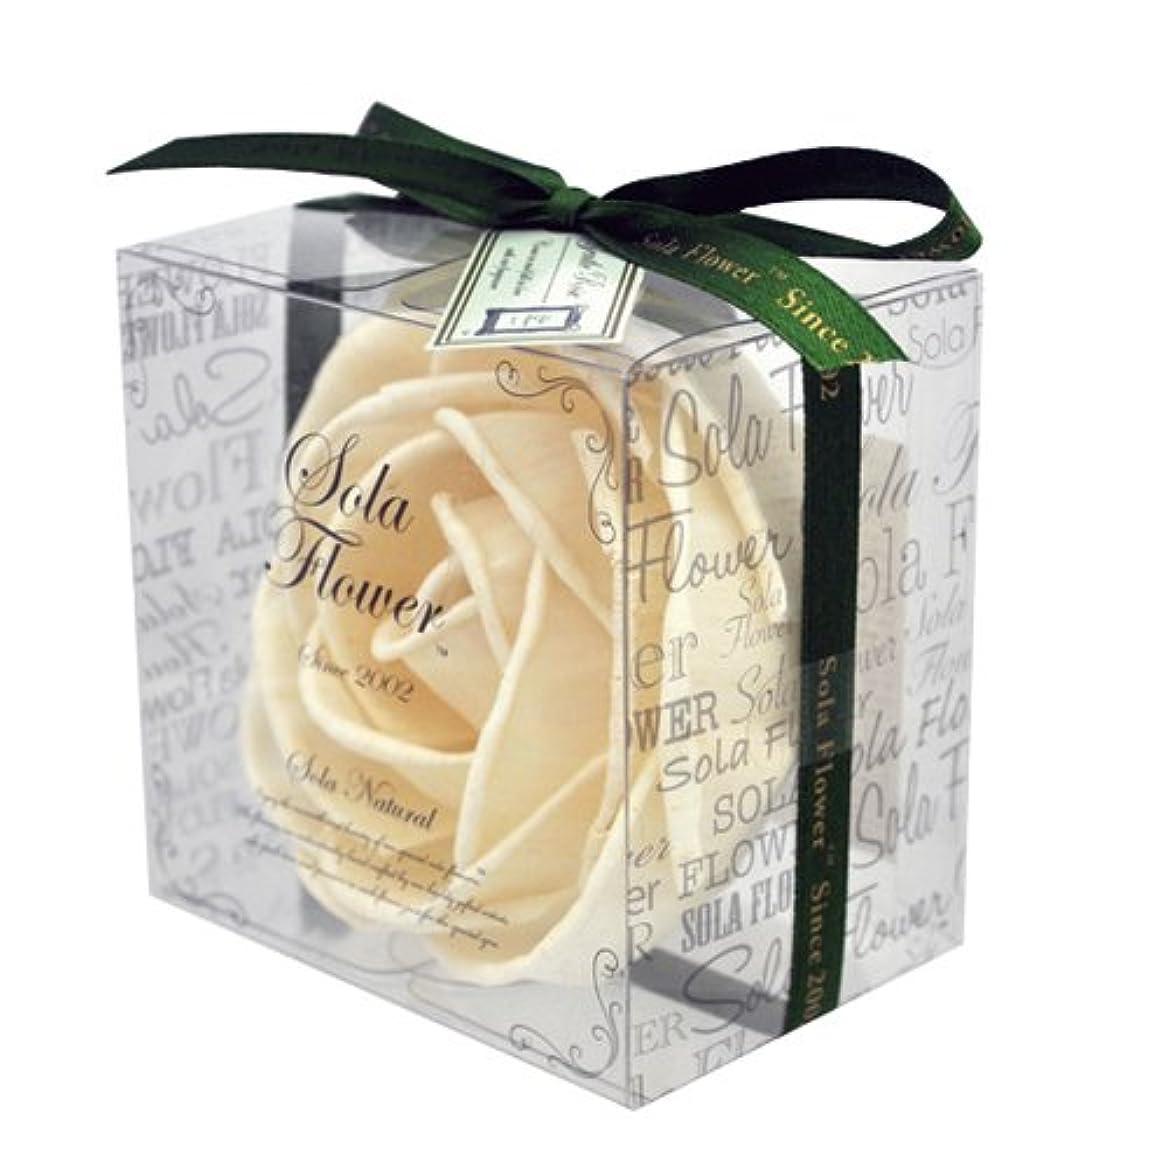 に頼る困ったバックグラウンドnew Sola Flower ソラフラワー ナチュラル Gentle Rose ジェントルローズ Natural